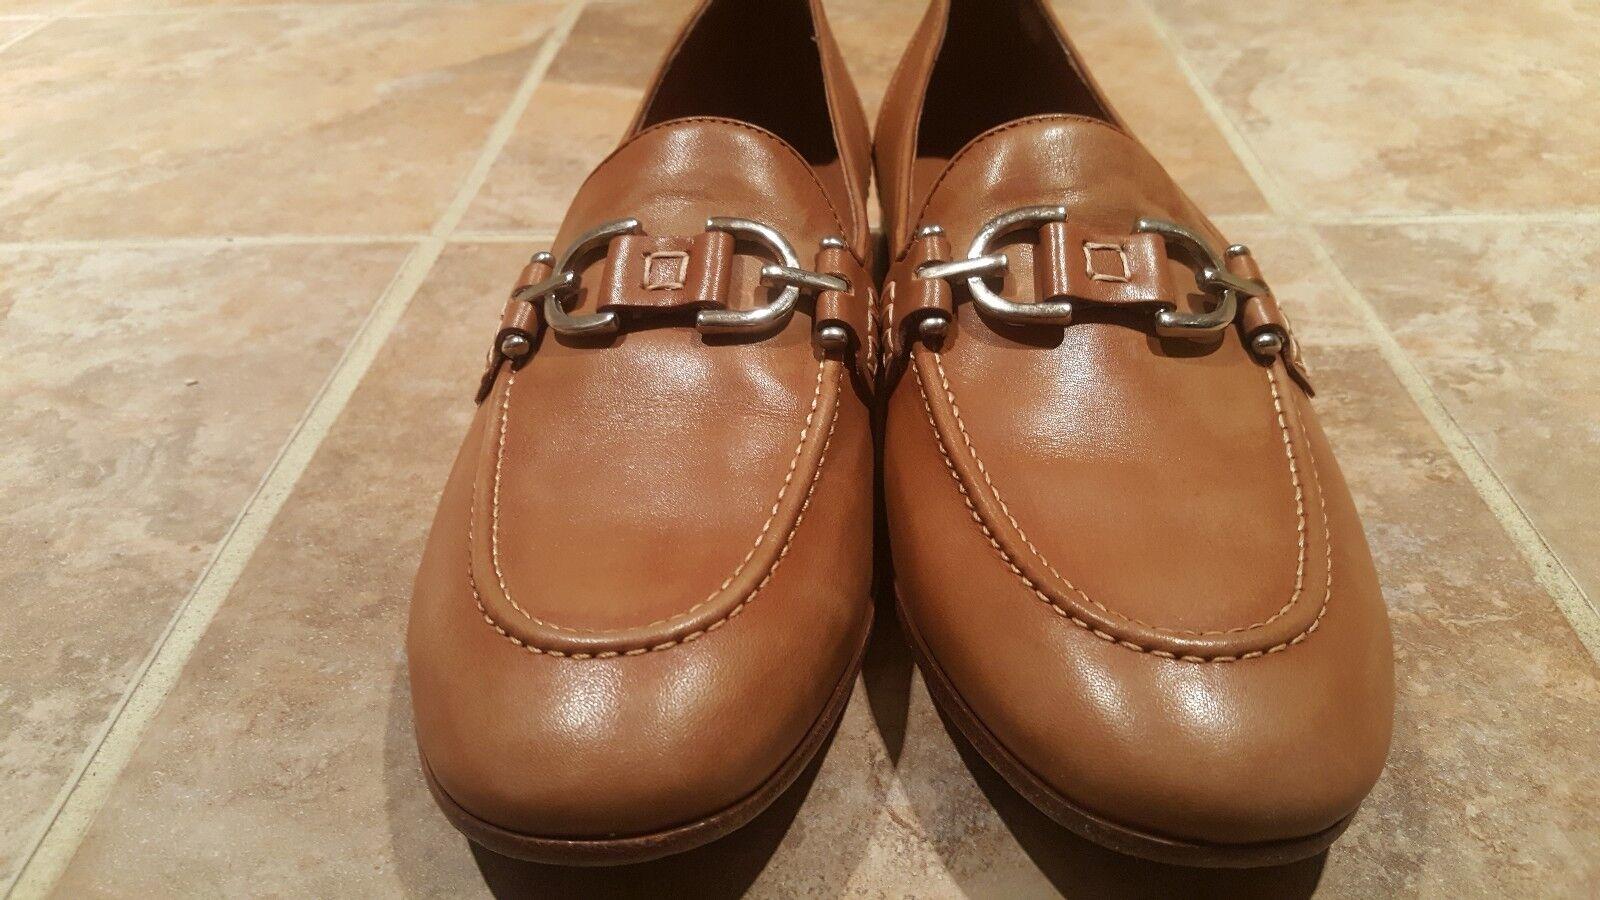 Men DONALD PLINER SLIP ON Loafers SIZE 10 M NWOB